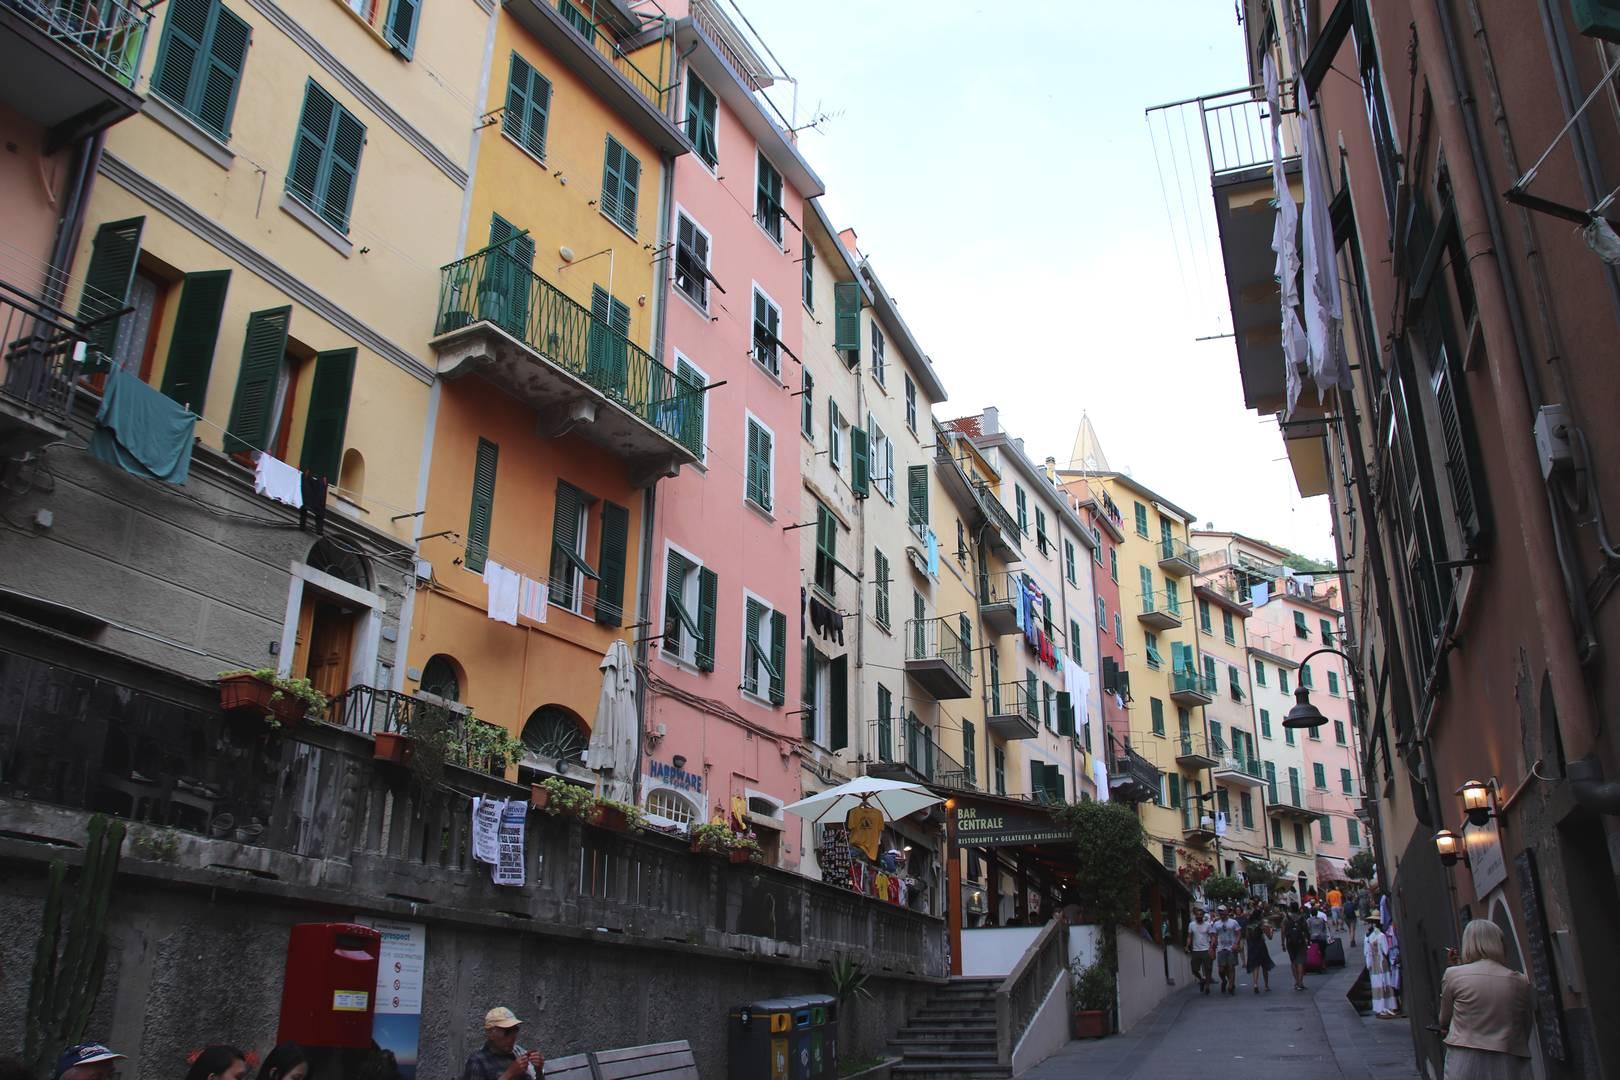 Italie - Rue principale du village de Riomaggiore au parc des Cinque Terre